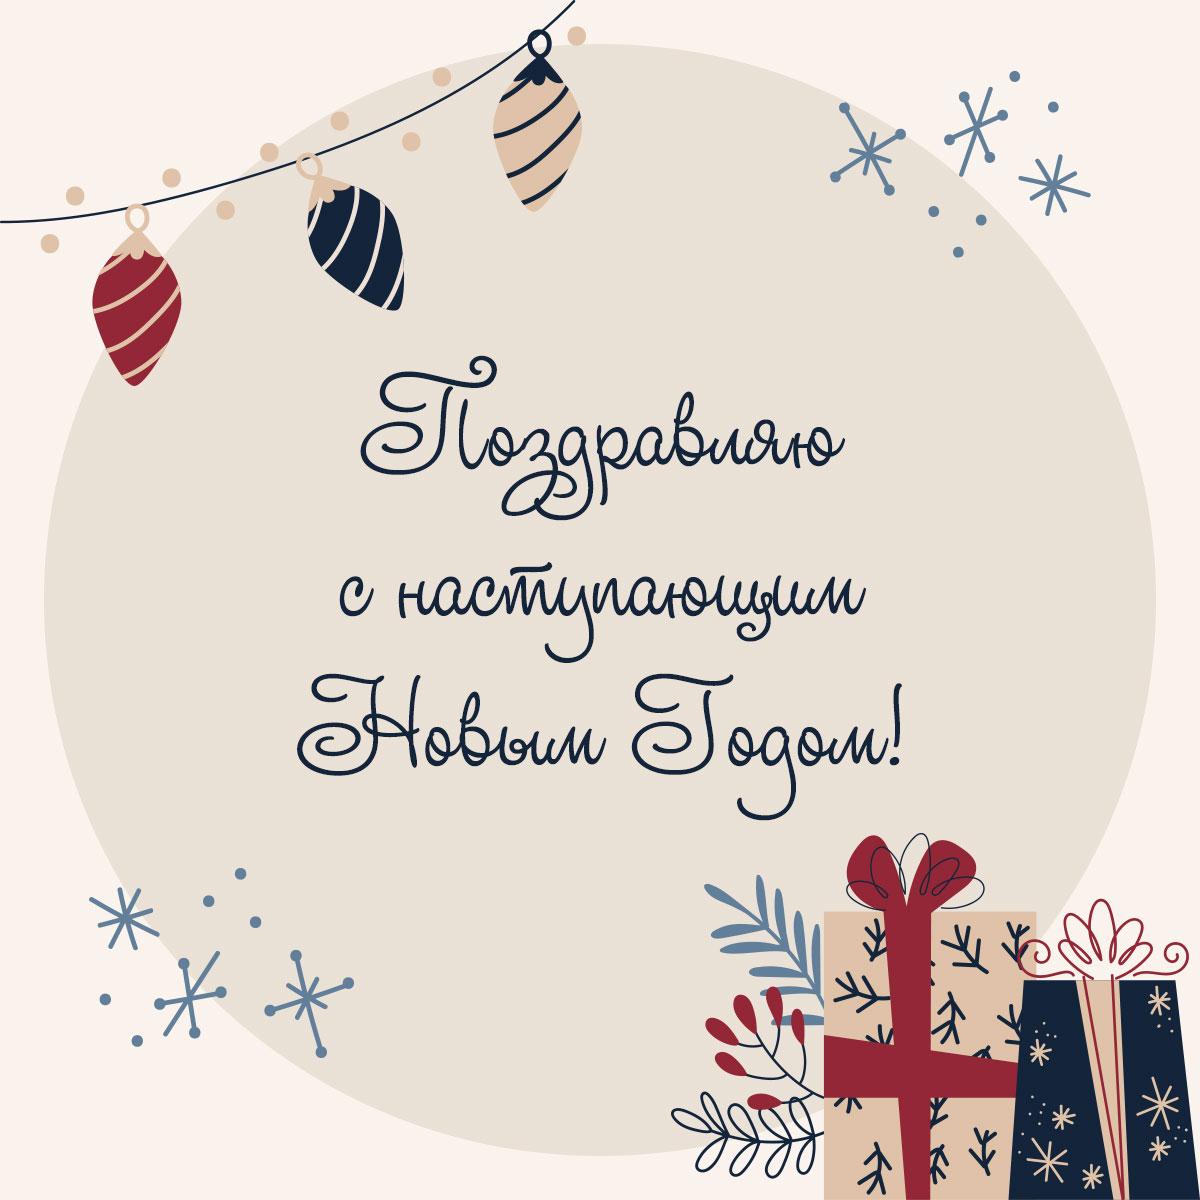 Картинка на красивые открытки с новым годом с каллиграфическим текстом поздравления на фоне круга с гирляндой и упакованными подарками.